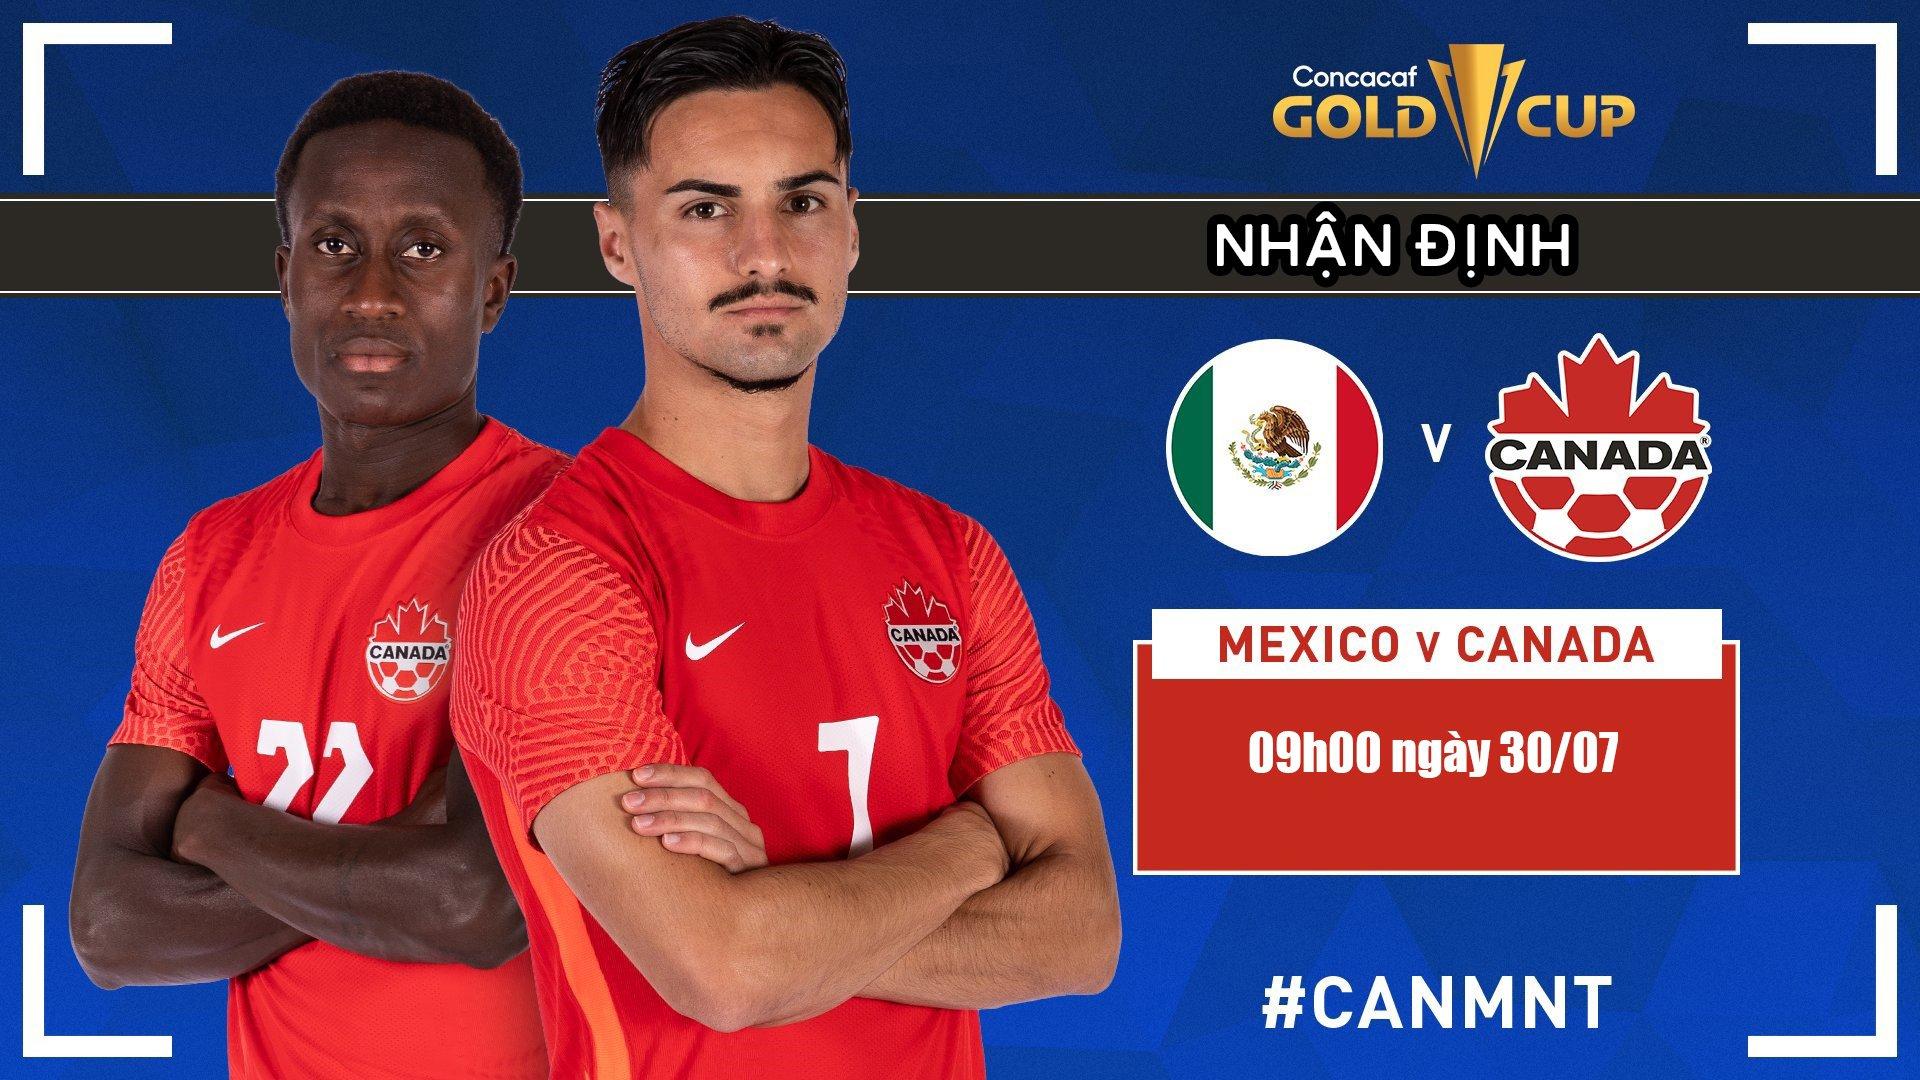 Trực tiếp Mexico vs Canada, 09h00 ngày 30/07: Tái hiện trận chung kết trong mơ?  1